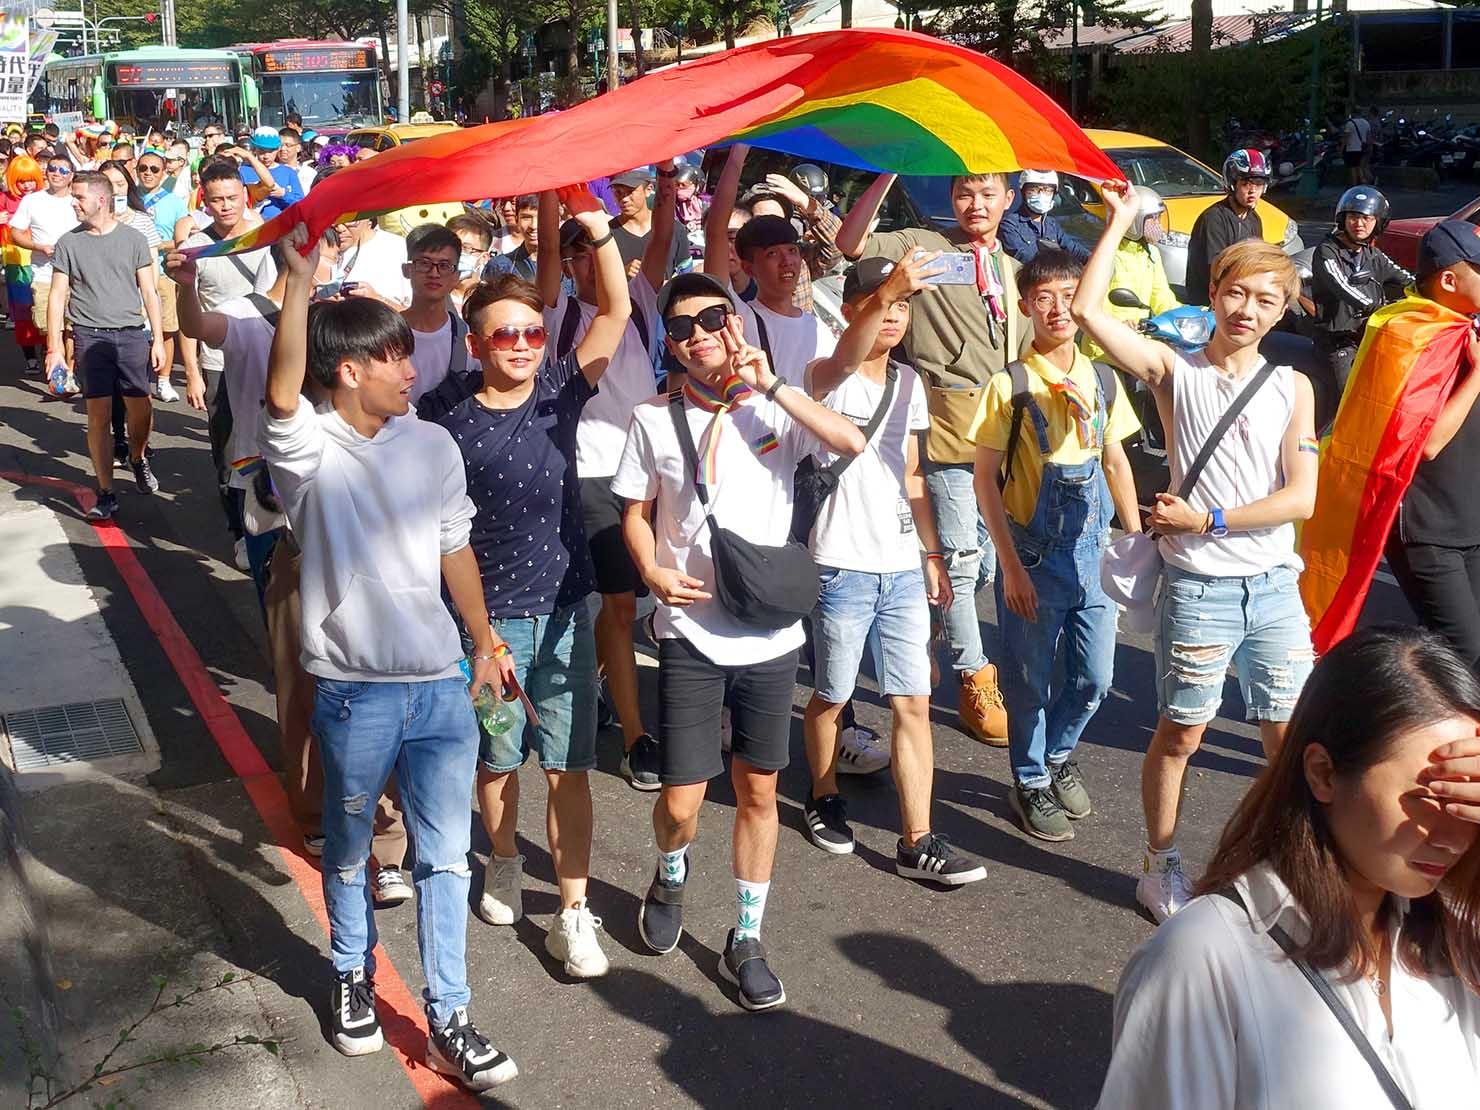 台中同志遊行(台中LGBTプライド)2019のパレードをレインボーフラッグを掲げて歩く参加者たち